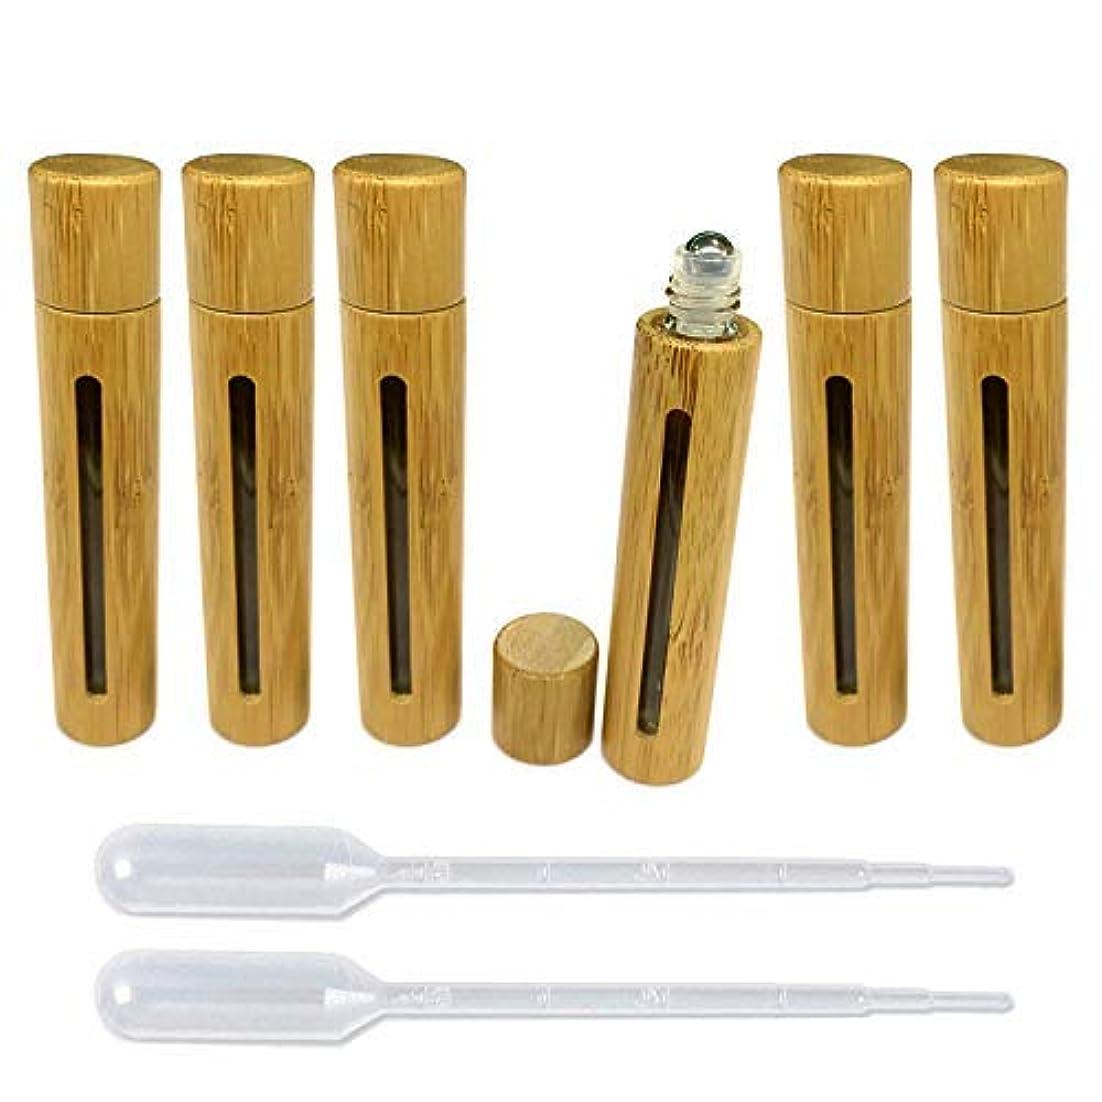 植物の詐欺も6 Pieces Roll On Bottles 10ml With Hollow Window Bamboo Shell Clear Glass Roller Bottles Empty Refillable Essential...